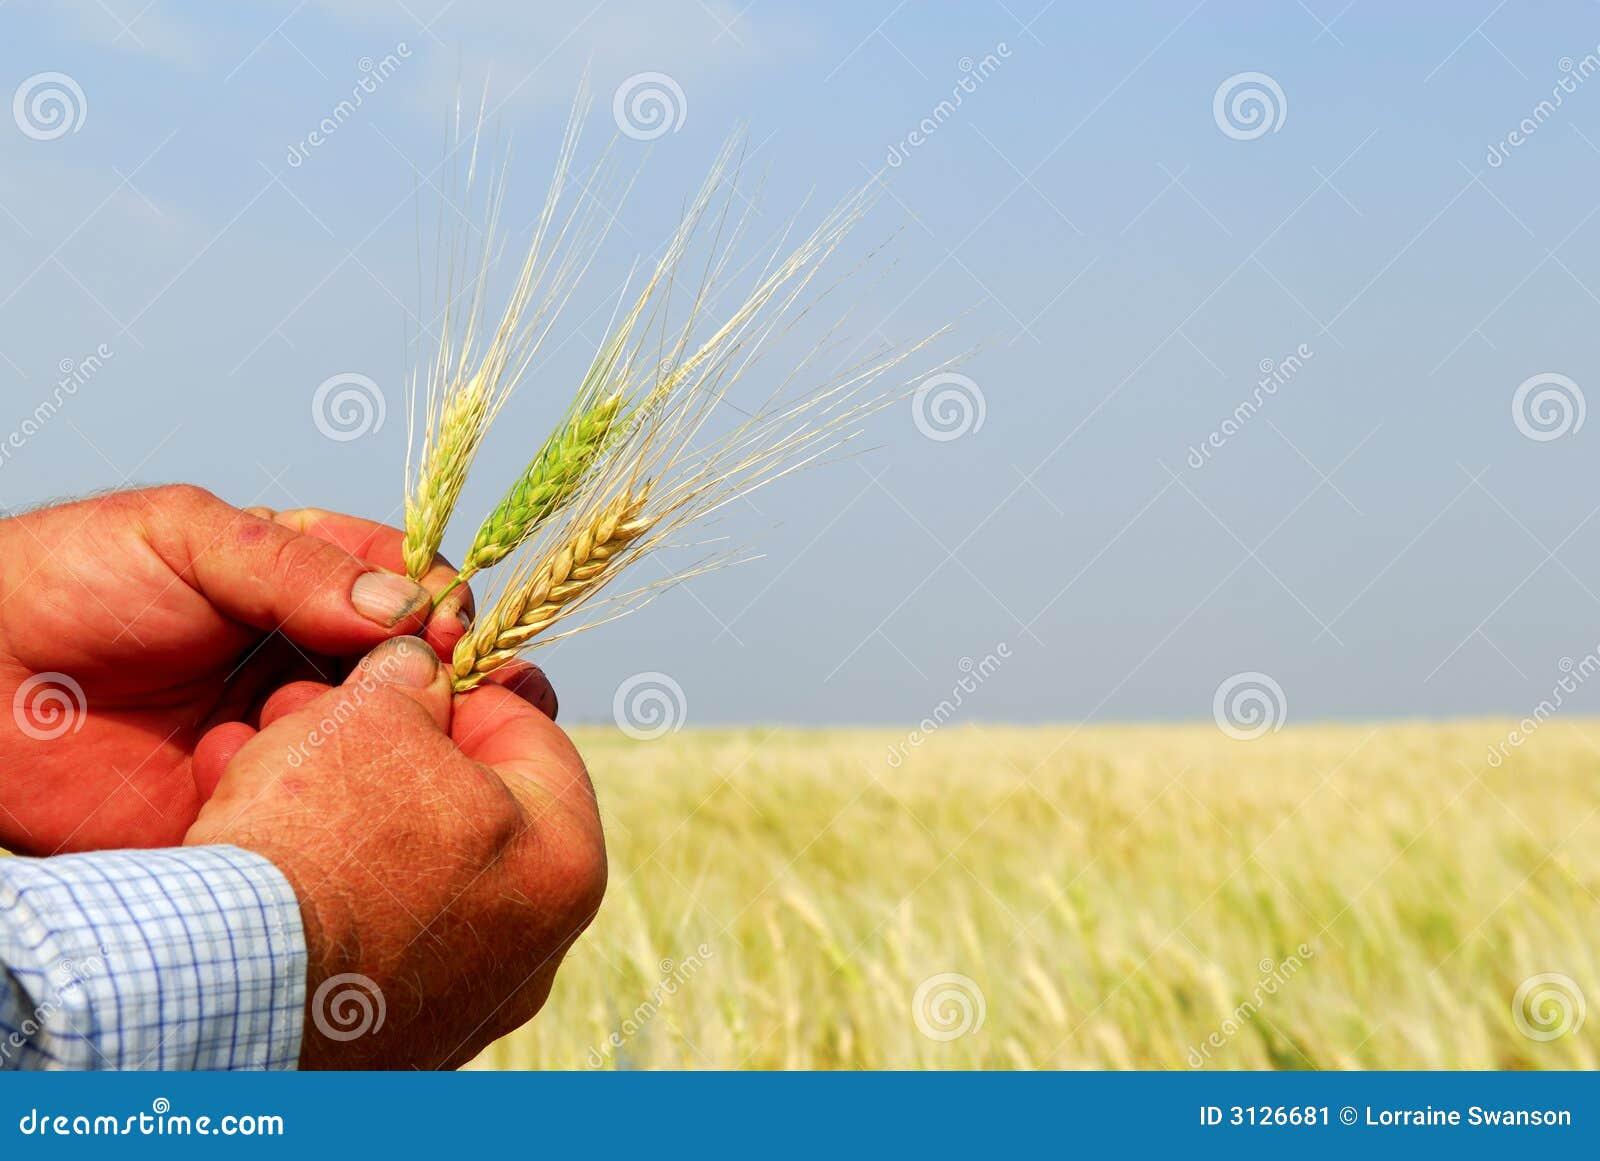 Grano duro della holding del coltivatore